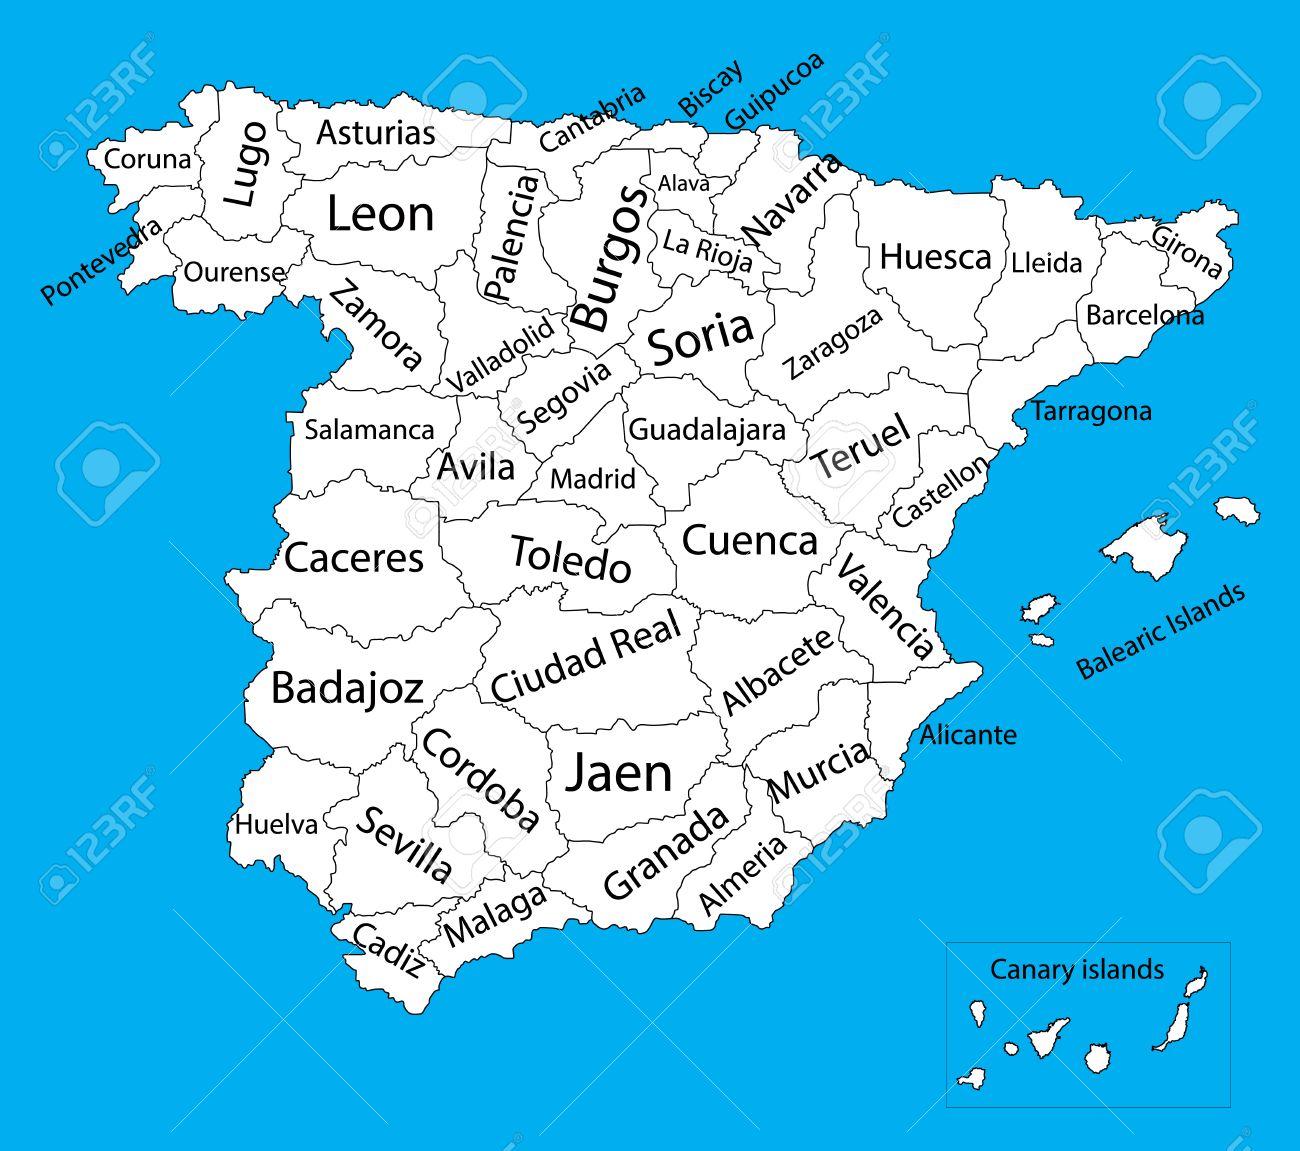 Mapa De Comunidades Autonomas En Blanco.Editable Vector Mapa En Blanco De Espana Vector Mapa De Espana Aislado En El Fondo Muy Detallado Comunidades Autonomas De Espana Divisiones